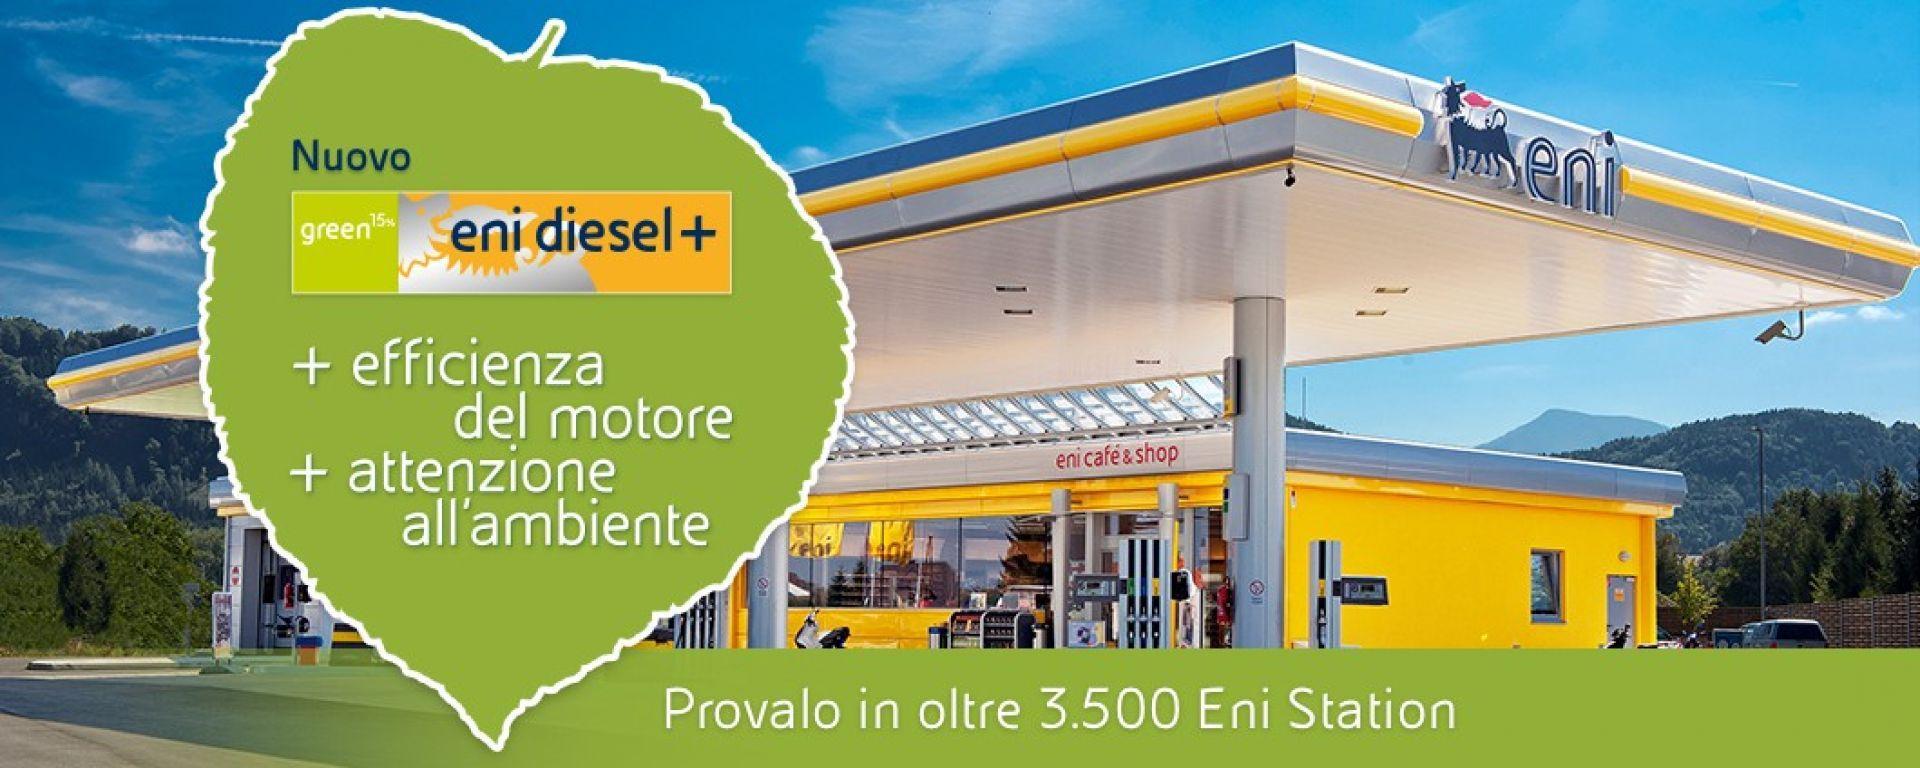 Eni Diesel +, il nuovo diesel con componente rinnovabile